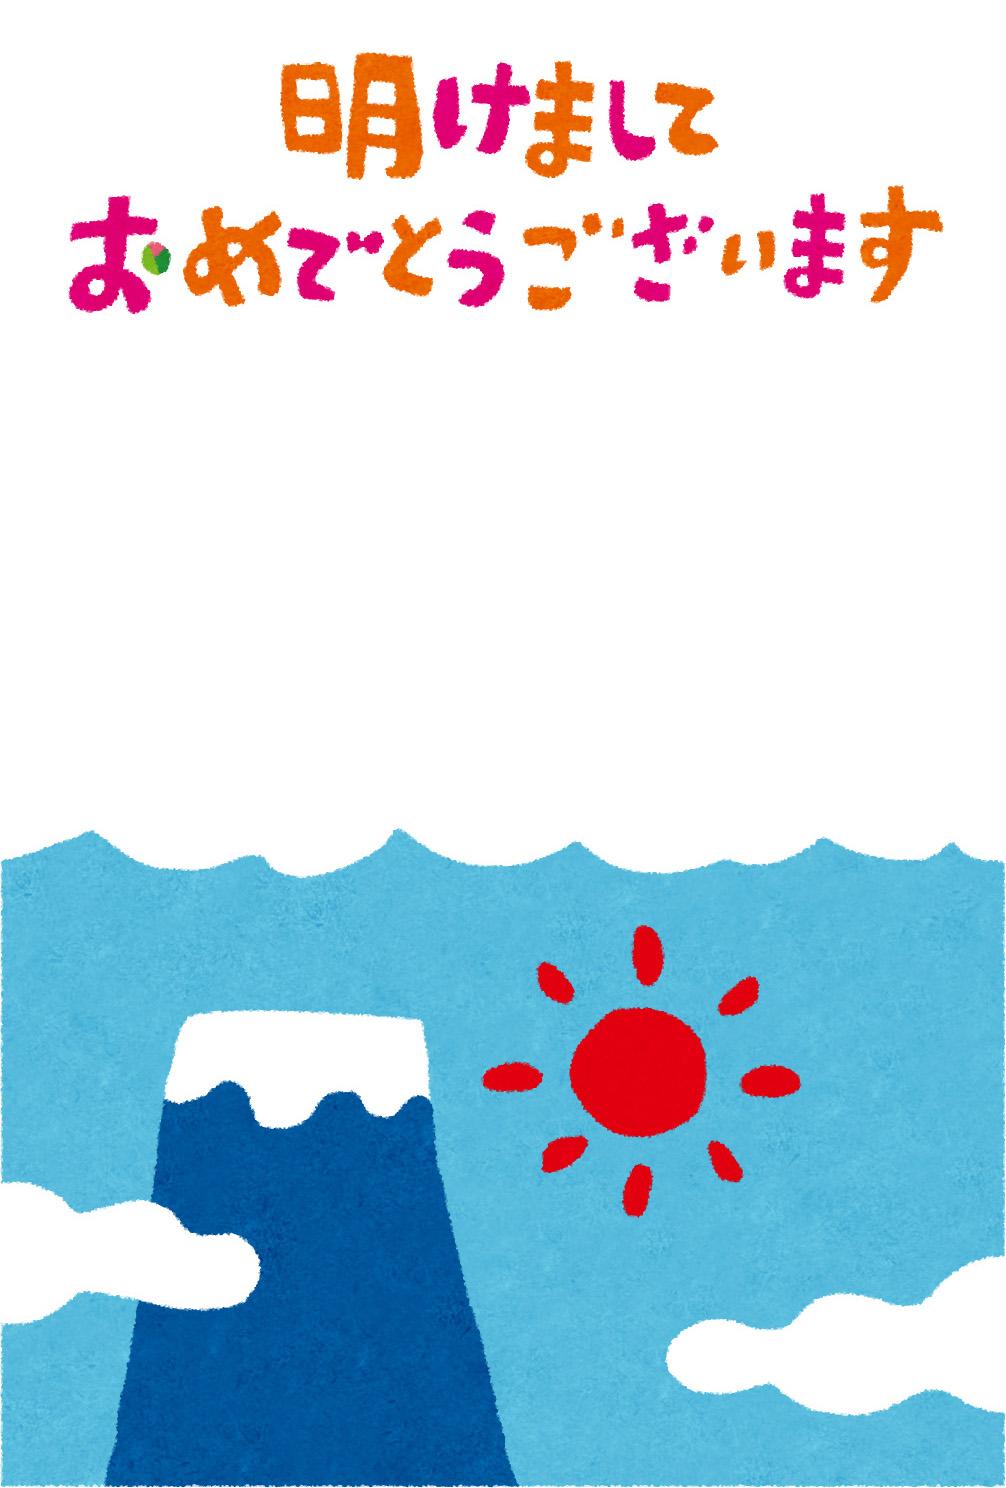 年賀状のテンプレート「初日の出」 | かわいいフリー素材集 いらすとや